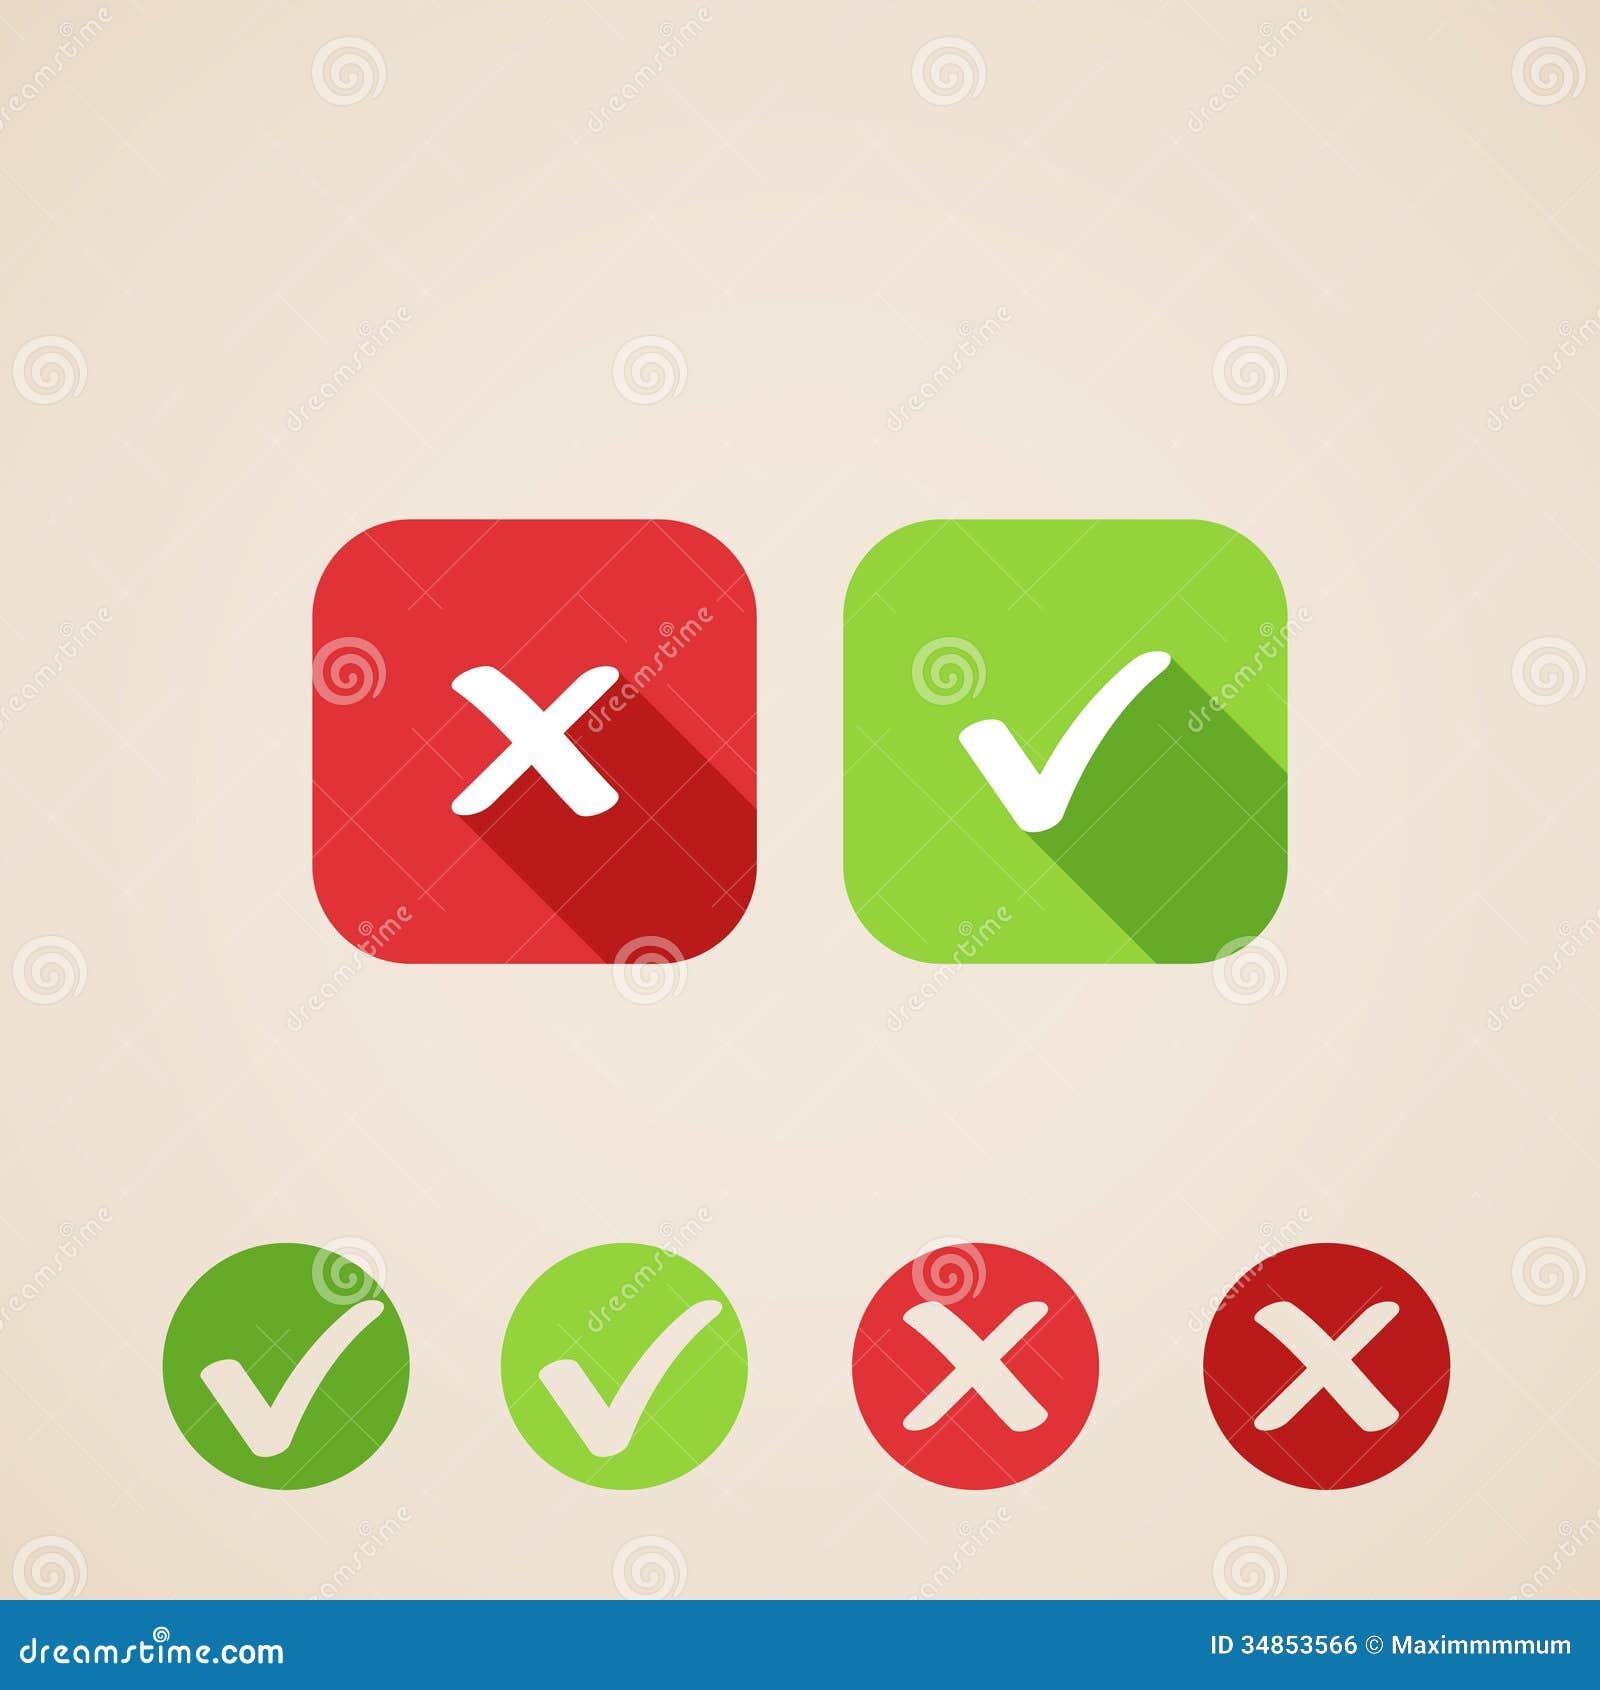 Icone Del Segno Di Spunta Di Vettore. Icone Piane Per Le ... X And Check Icon